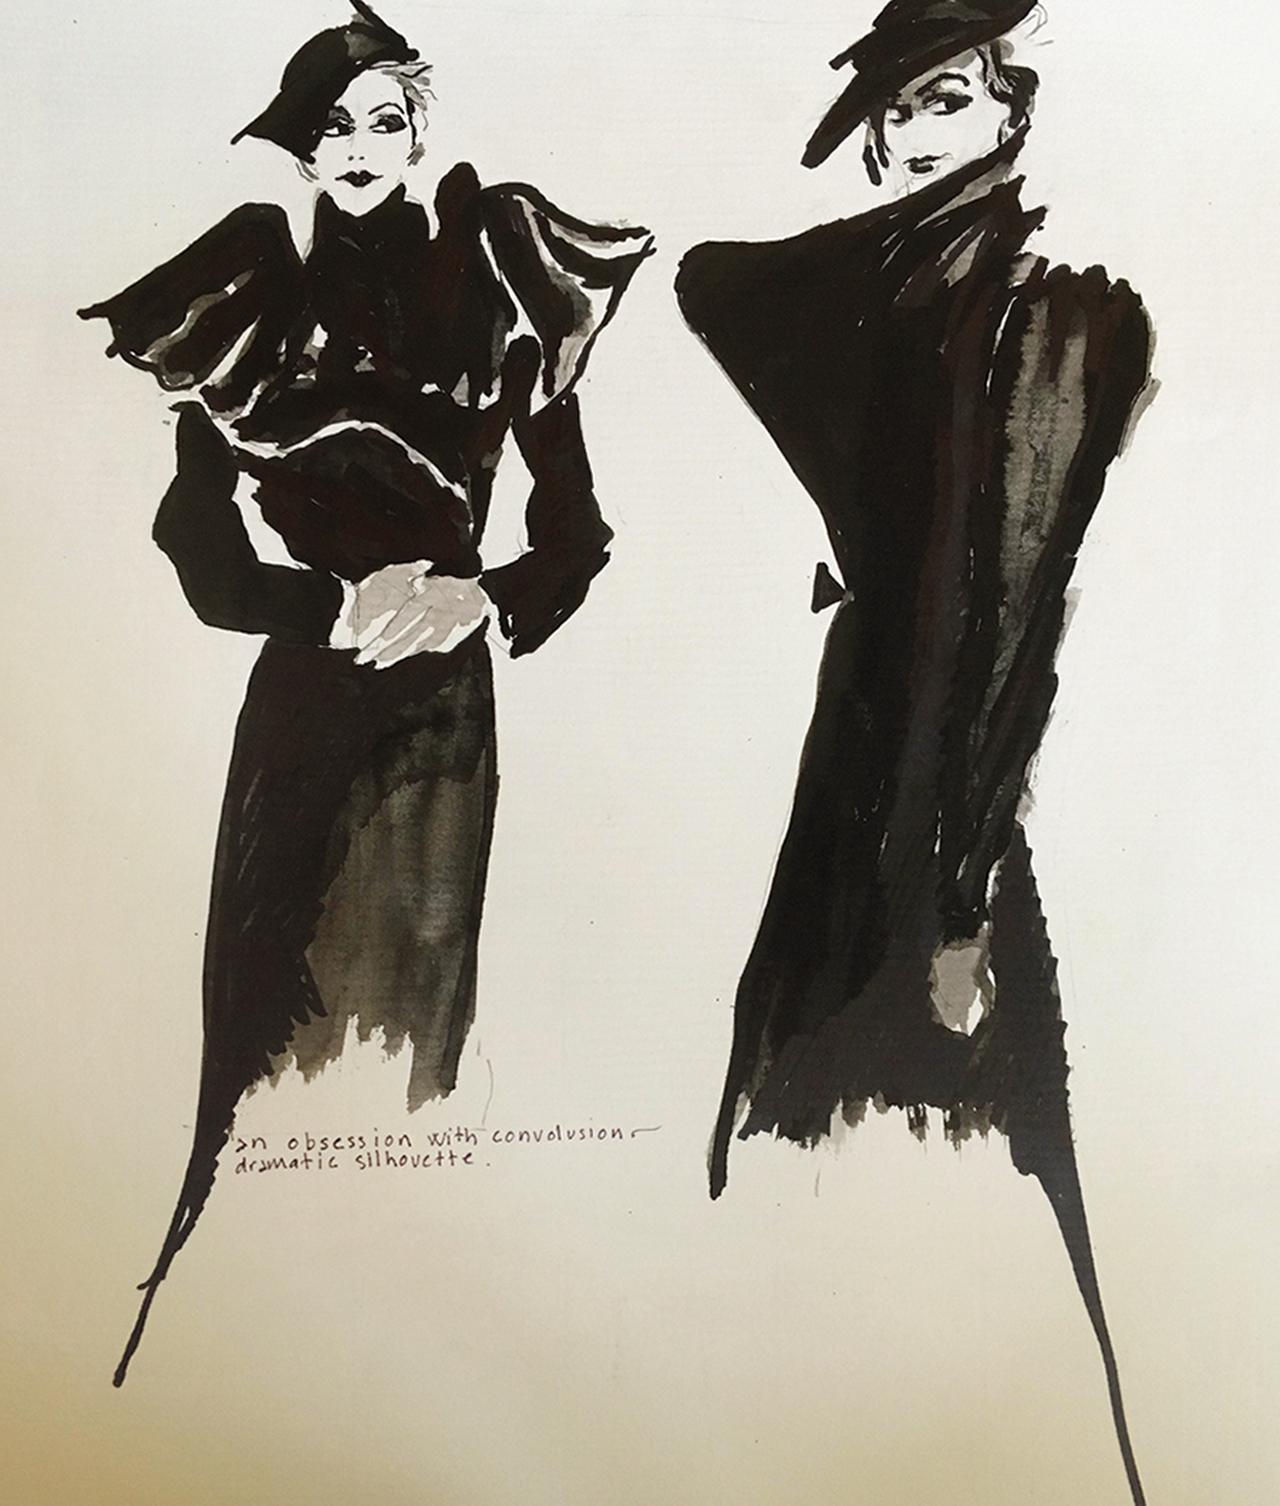 Images : 14番目の画像 - 「マックスマーラの イアン・グリフィスが愛するもの」のアルバム - T JAPAN:The New York Times Style Magazine 公式サイト